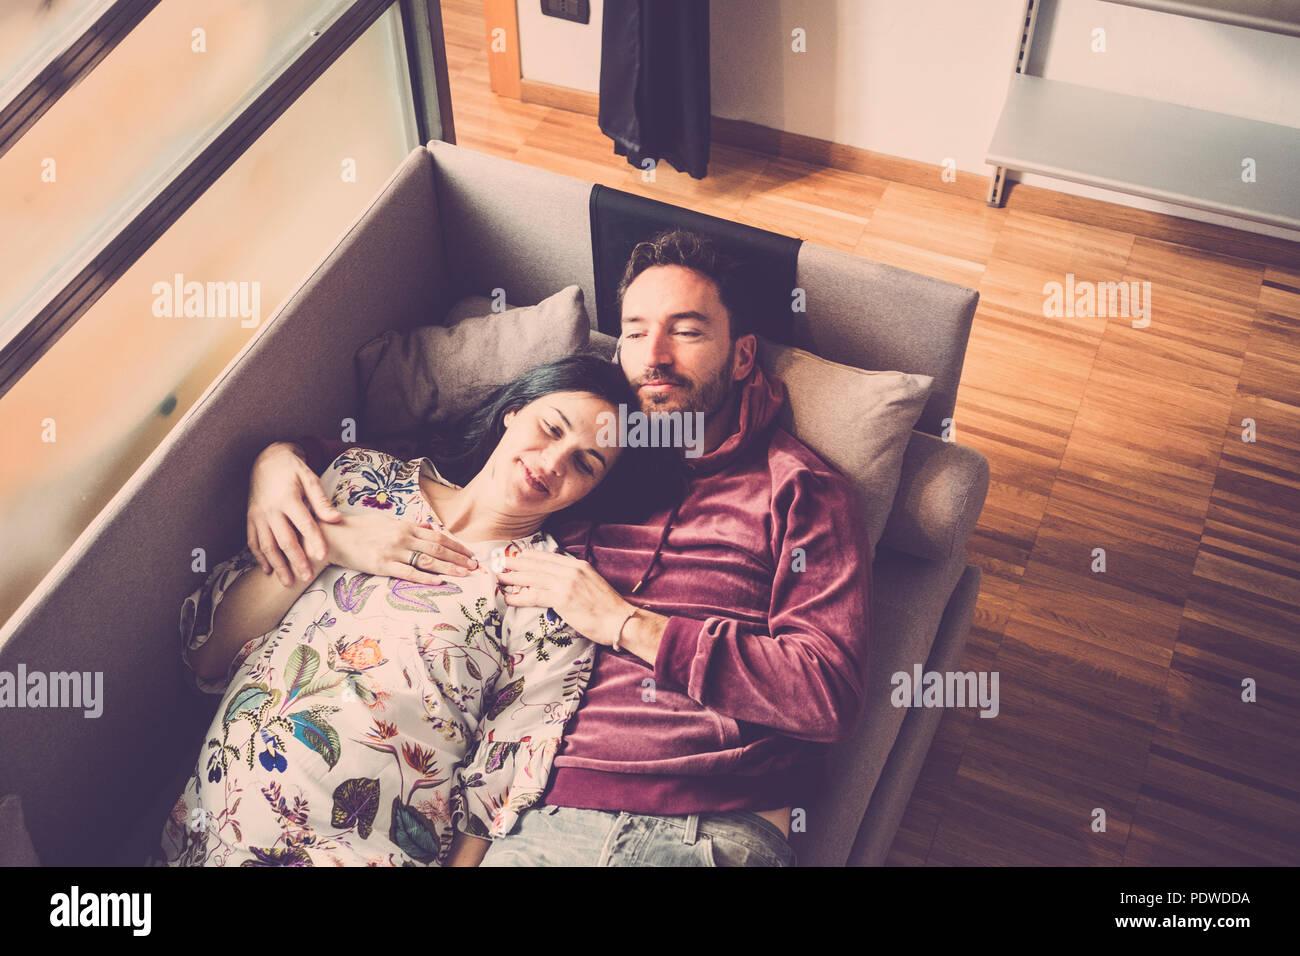 Liebe und Beziehung Konzept für kaukasische Mann und Frau lag auf dem Sofa zu Hause. Zärtlichkeit und Liebe für nette Leute Stockbild